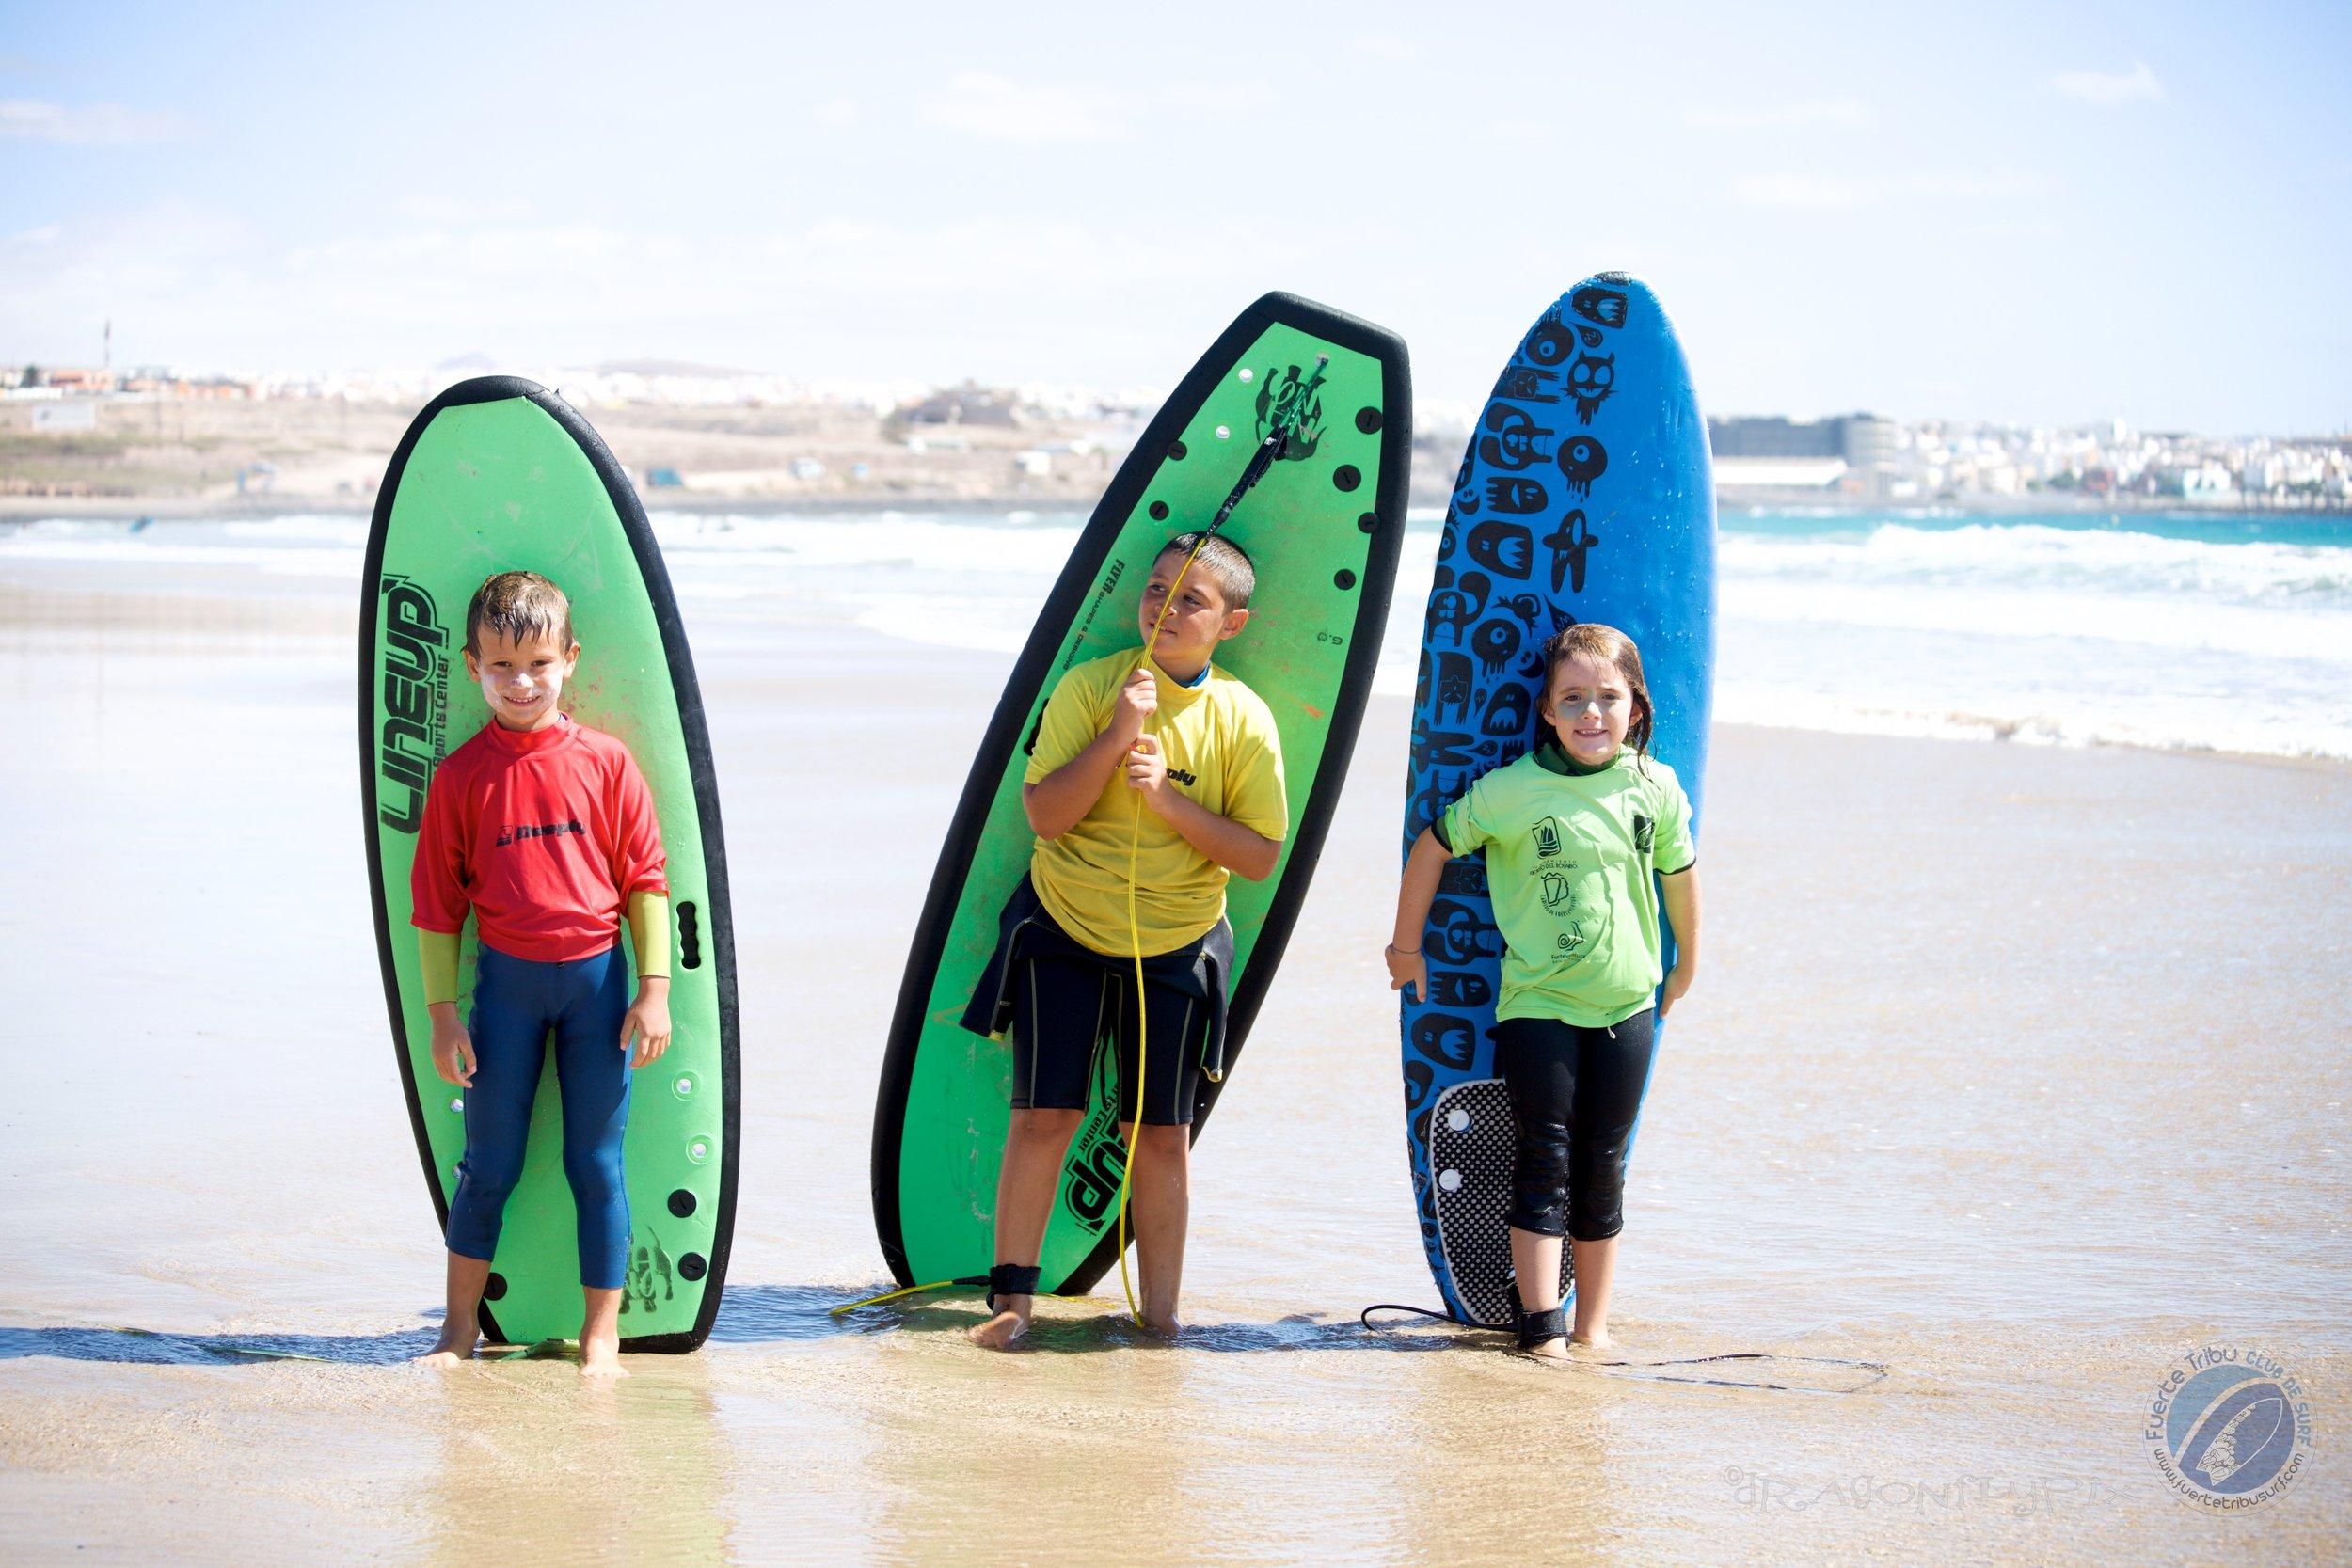 FUERTETRIBU_INTRACLUB_SURF_CAMPEONATO_KIDSIMG_0395.jpg